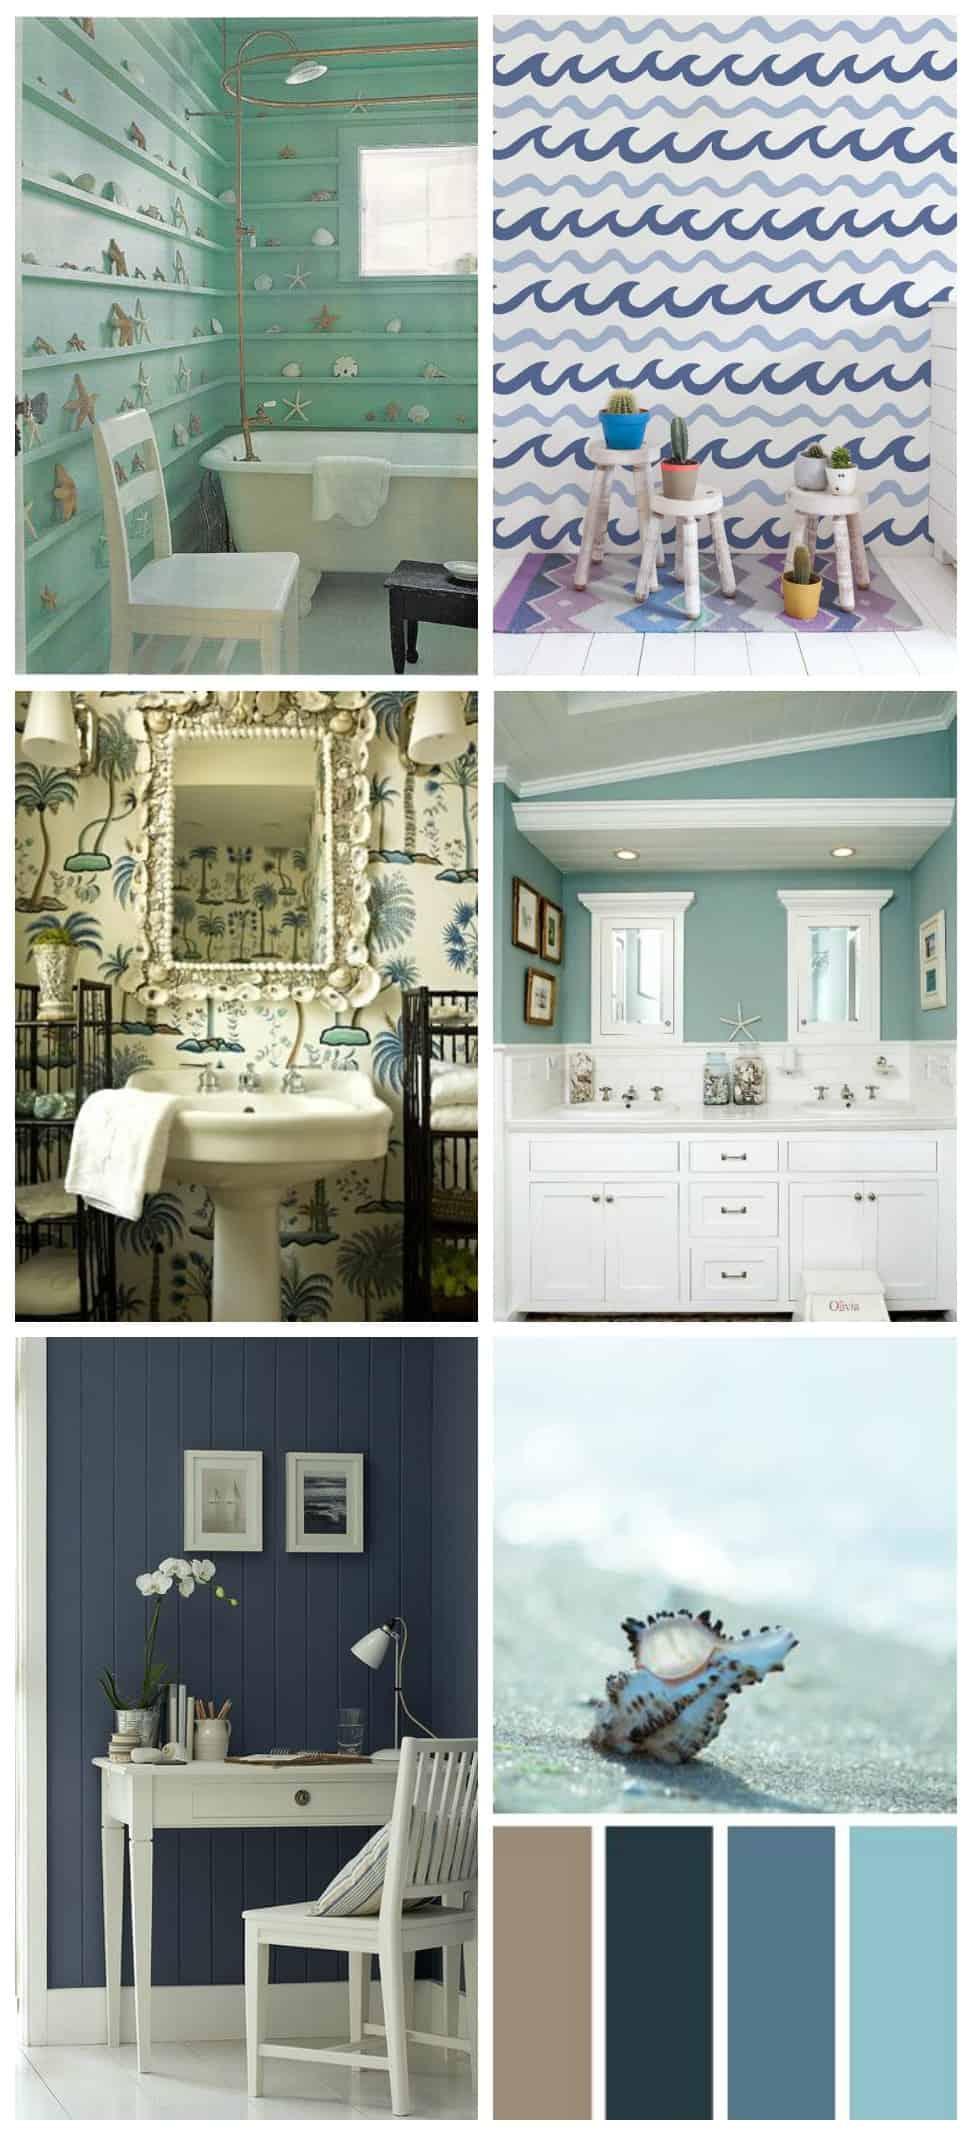 La casa al mare ispirazioni per arredare in stile nautico tuttoferramenta blog - App per colorare pareti casa ...